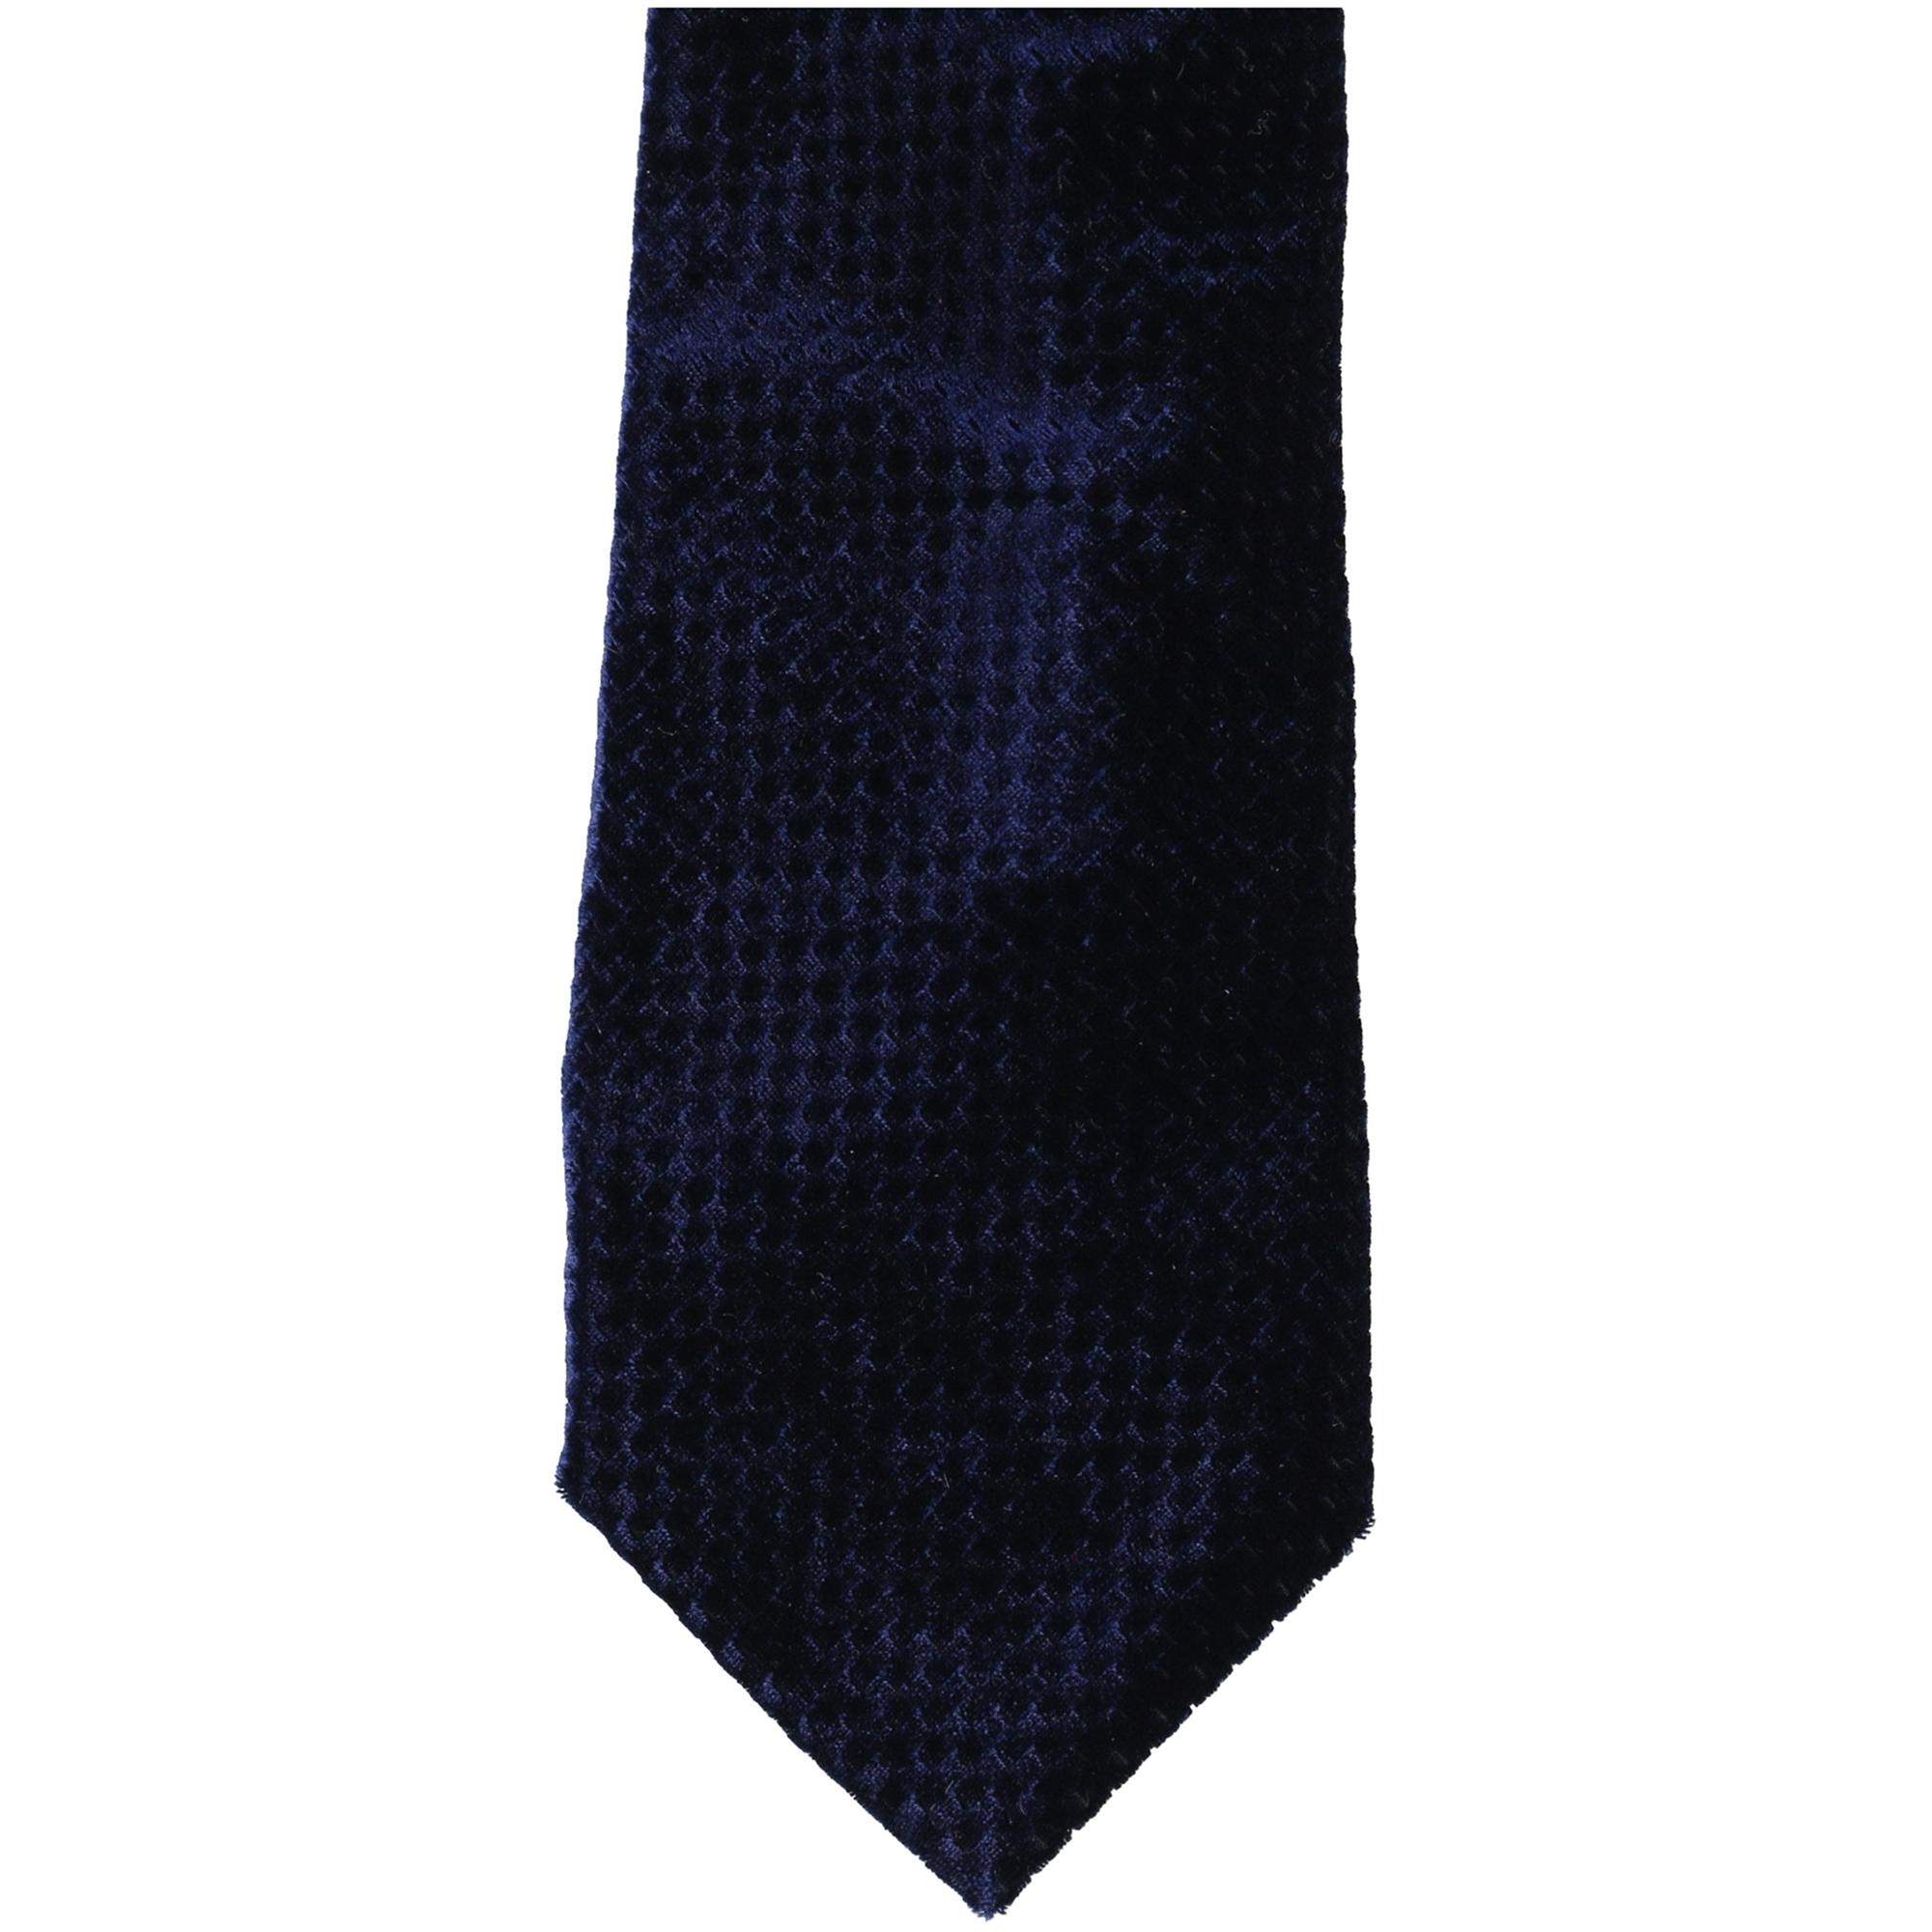 Sean John Mens Herringbone Self-tied Bow Tie